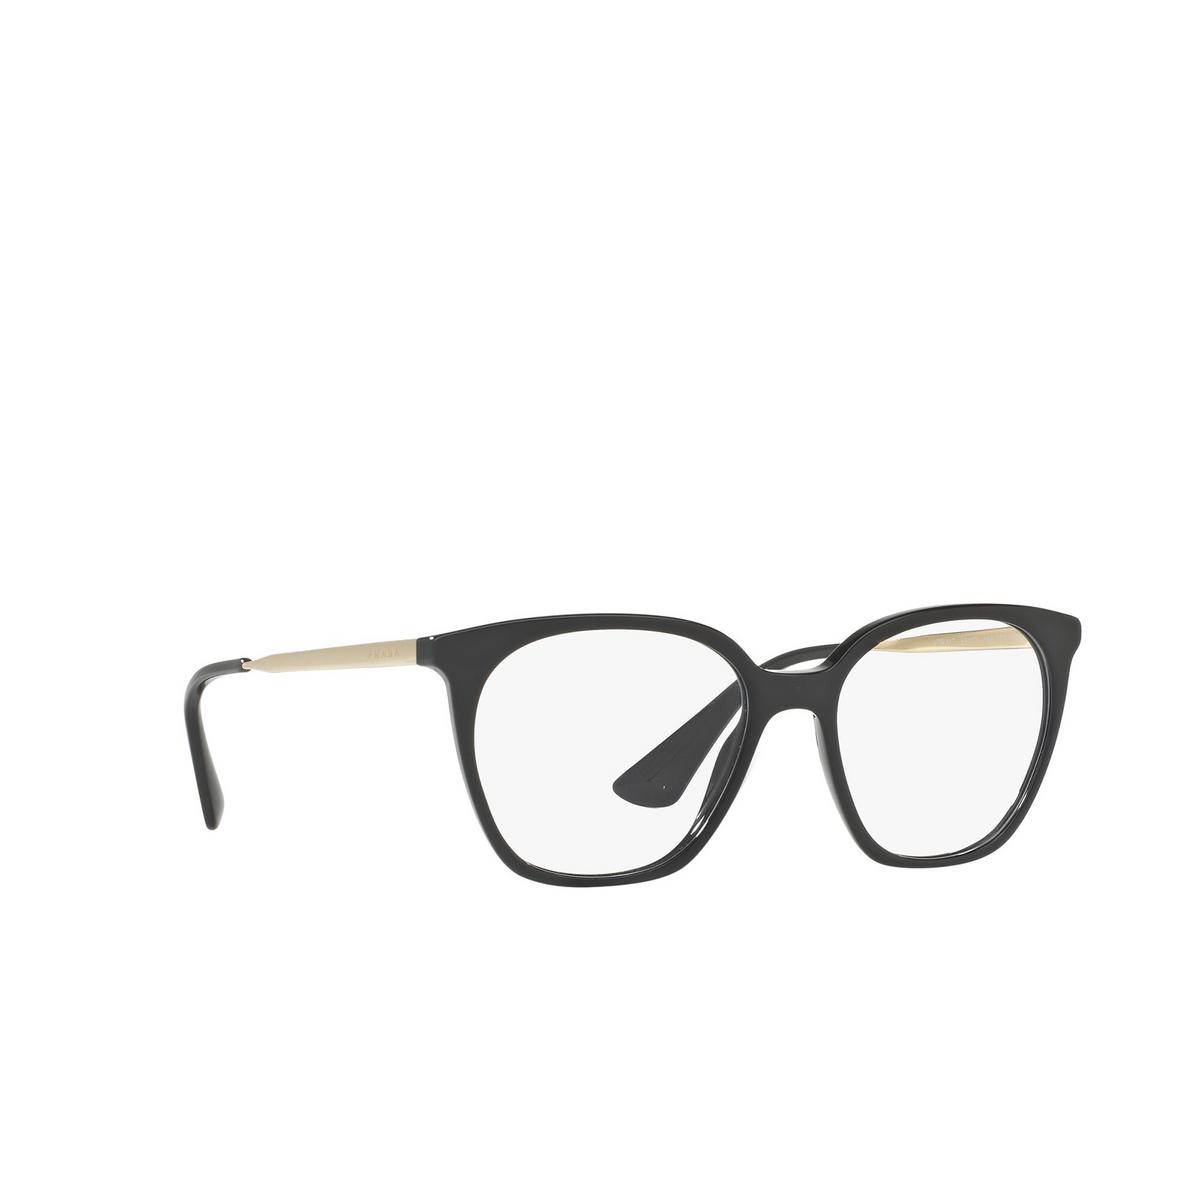 Prada® Square Eyeglasses: PR 11TV color Black 1AB1O1 - three-quarters view.